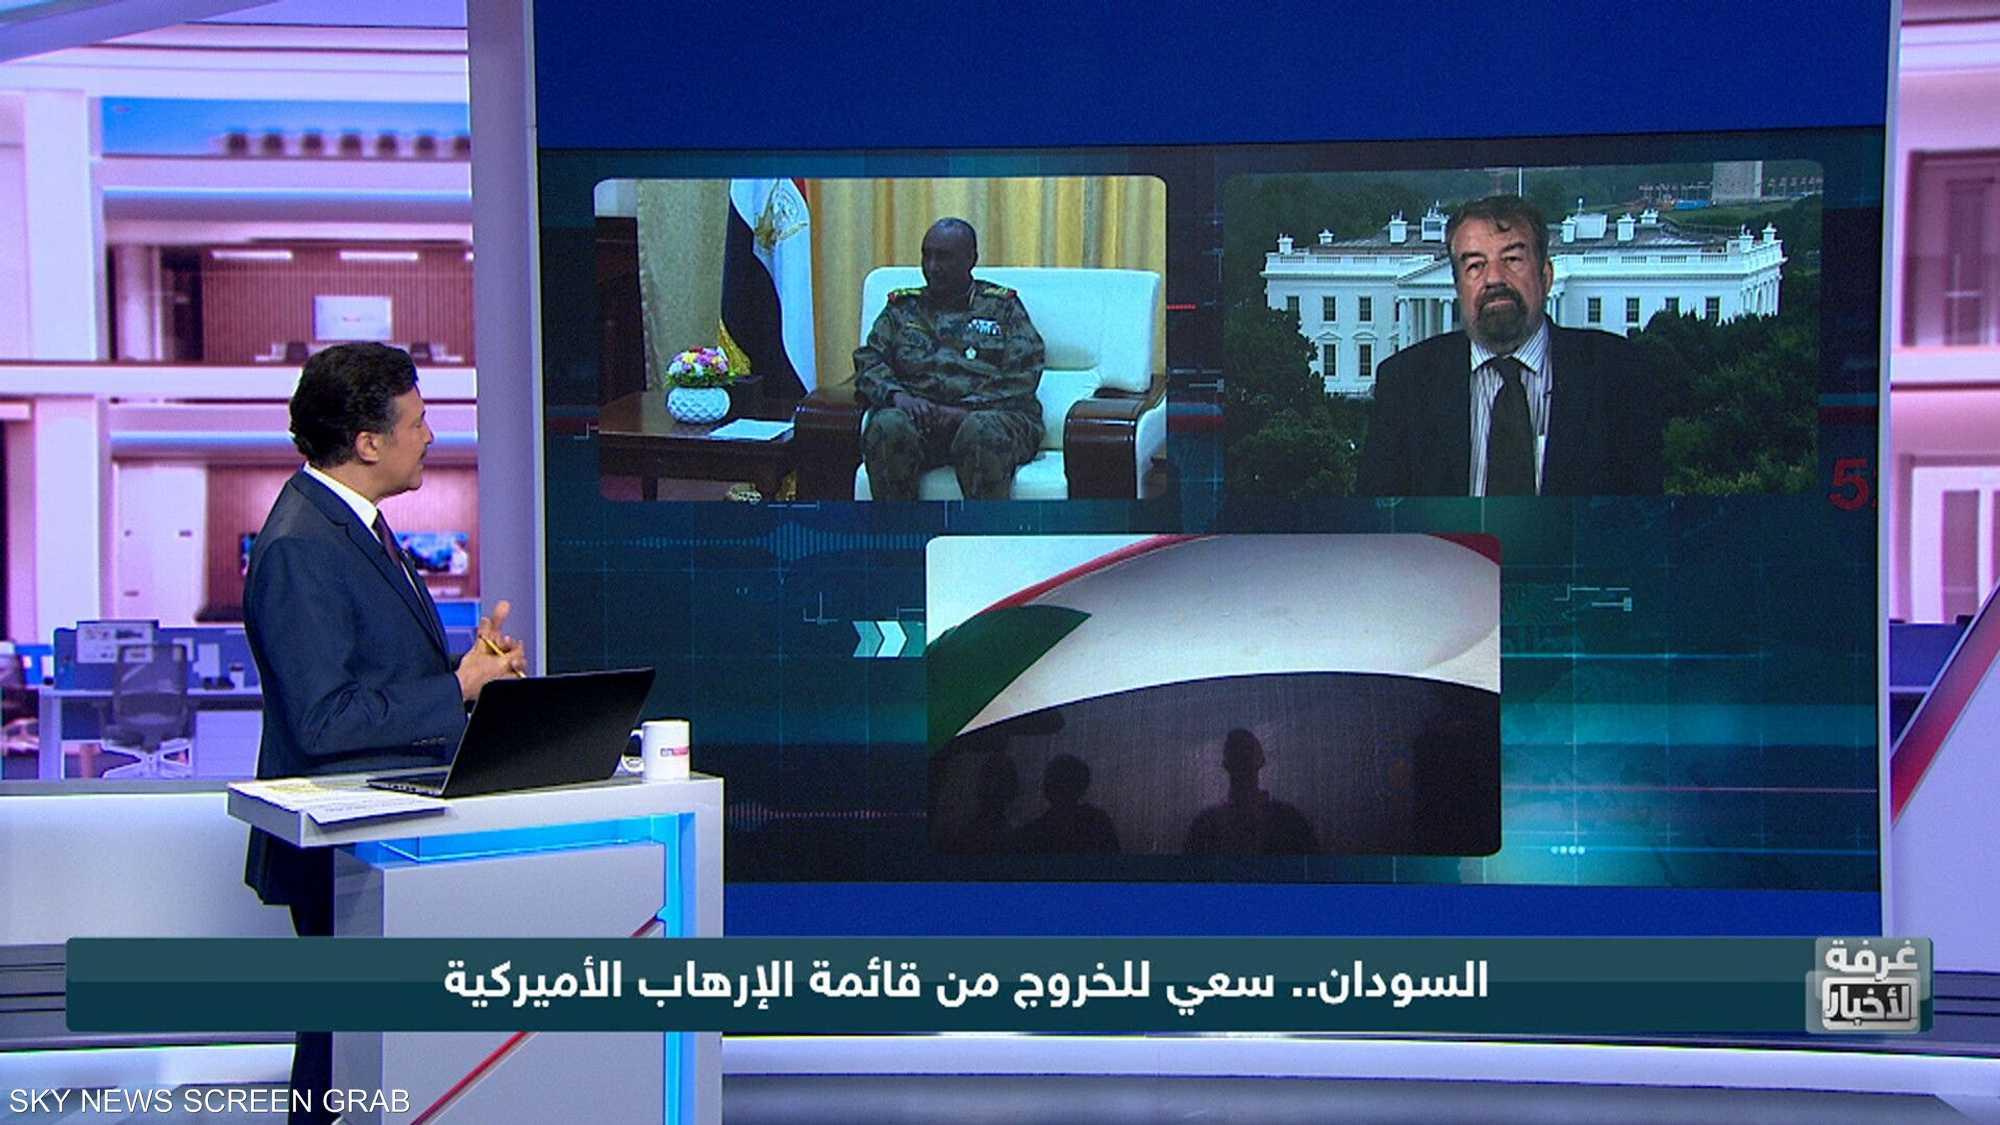 السودان.. ومساعي الخروج من قائمة الإرهاب الأميركية